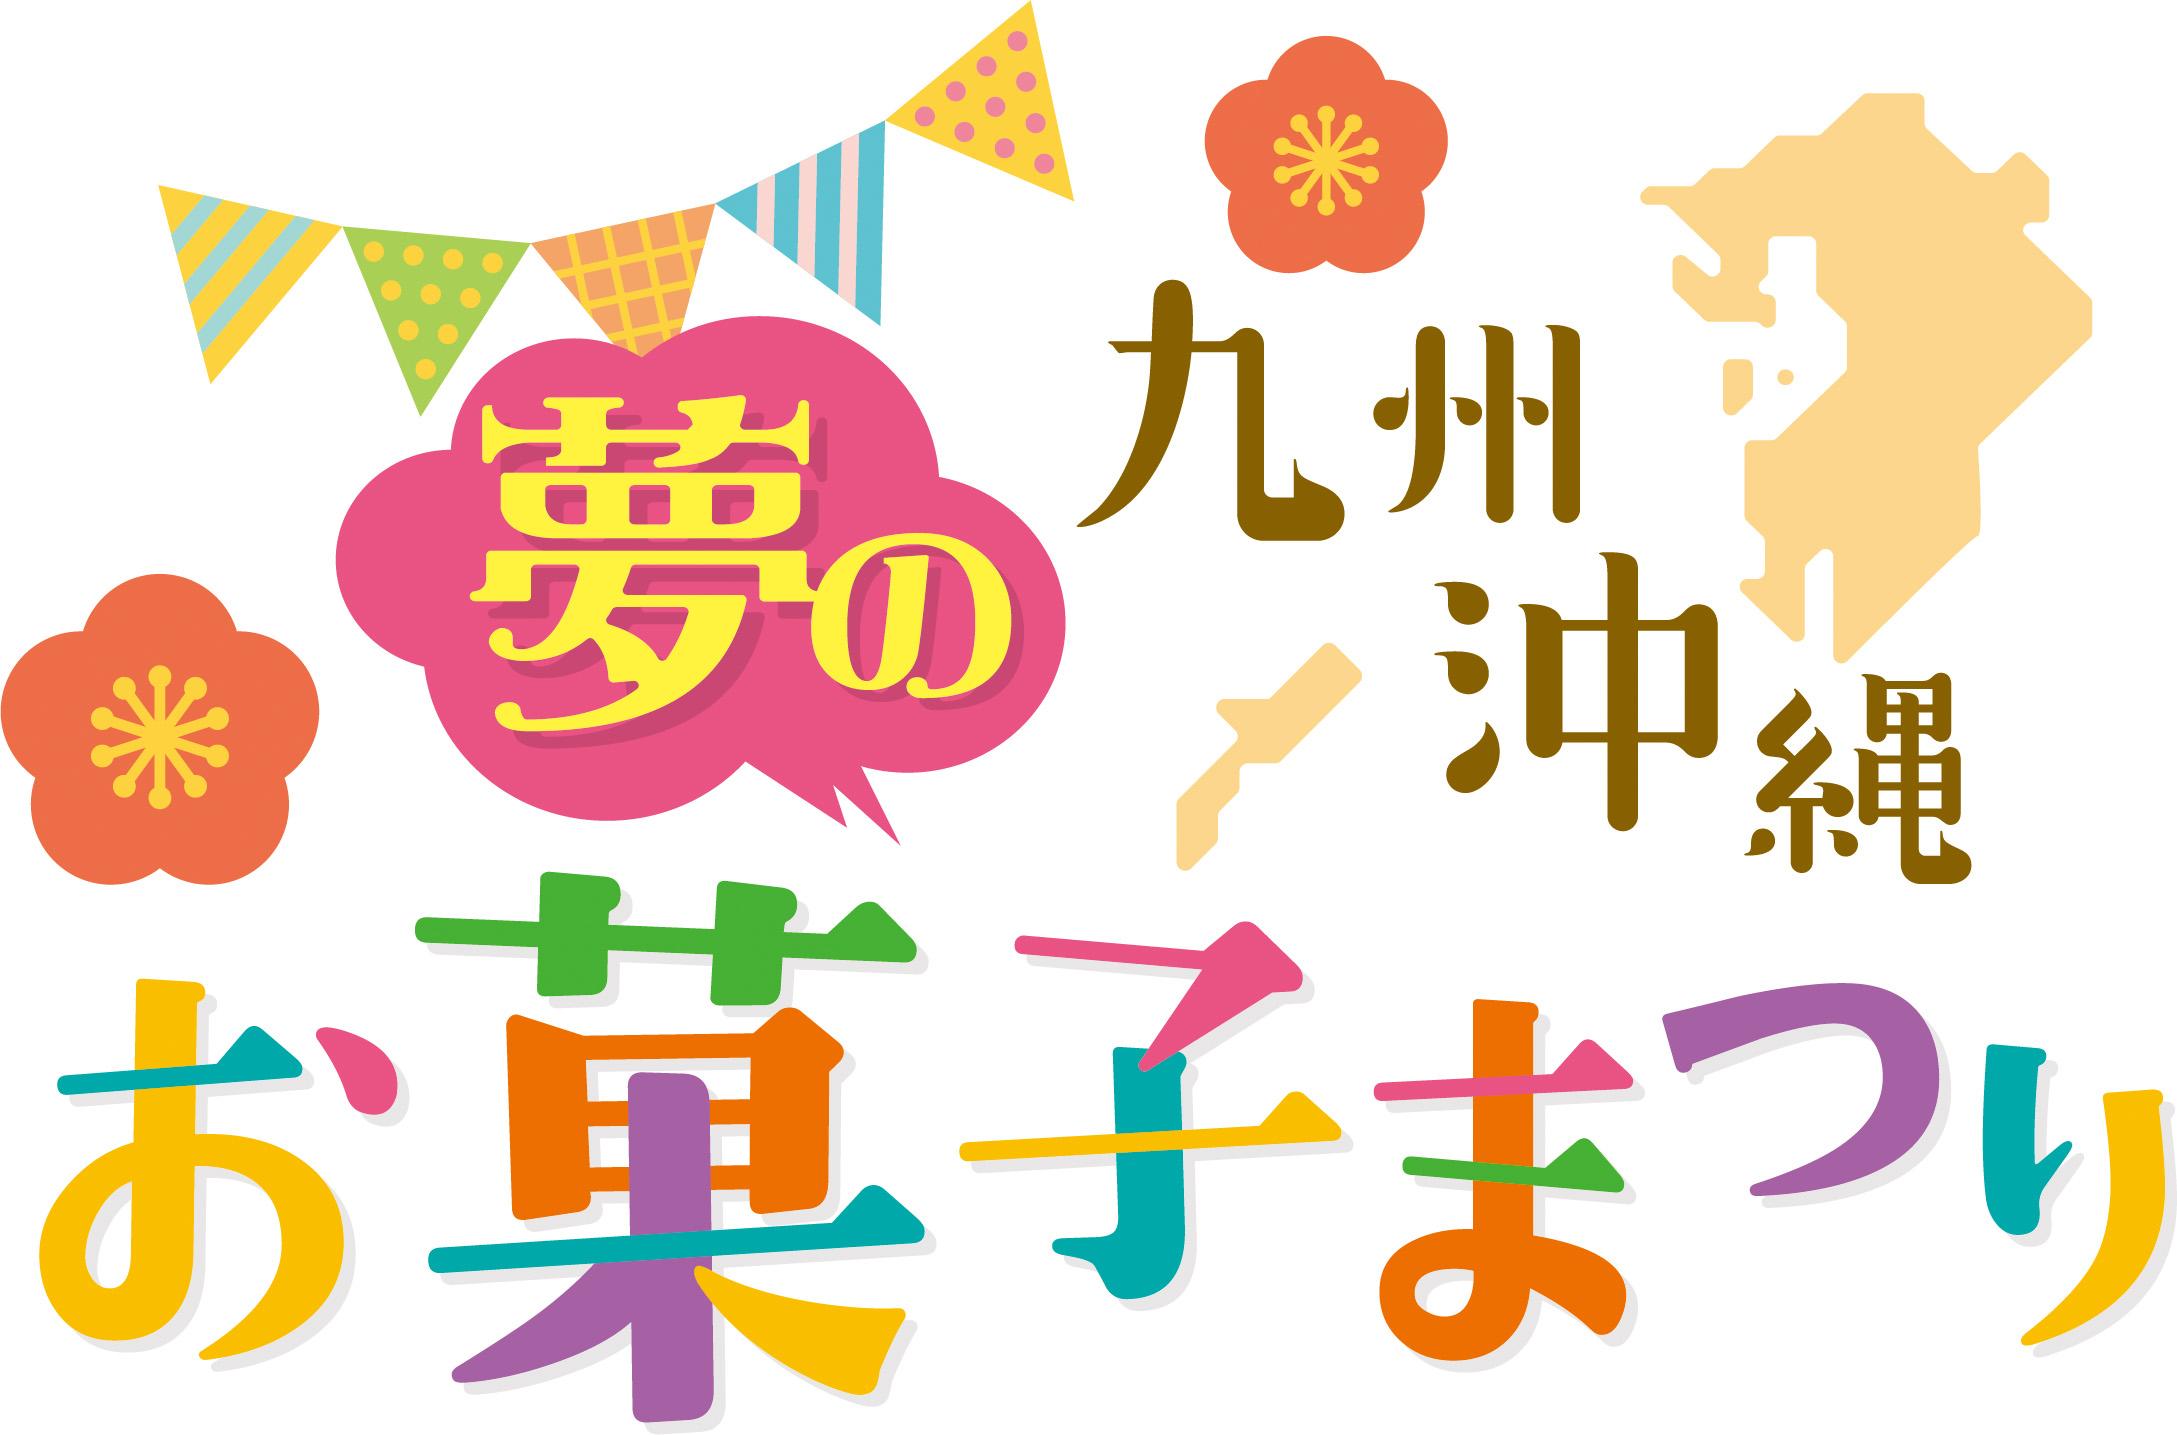 「九州・沖縄夢のお菓子まつり展示販売事業運営」業務 受託事業者選定委員会の結果について